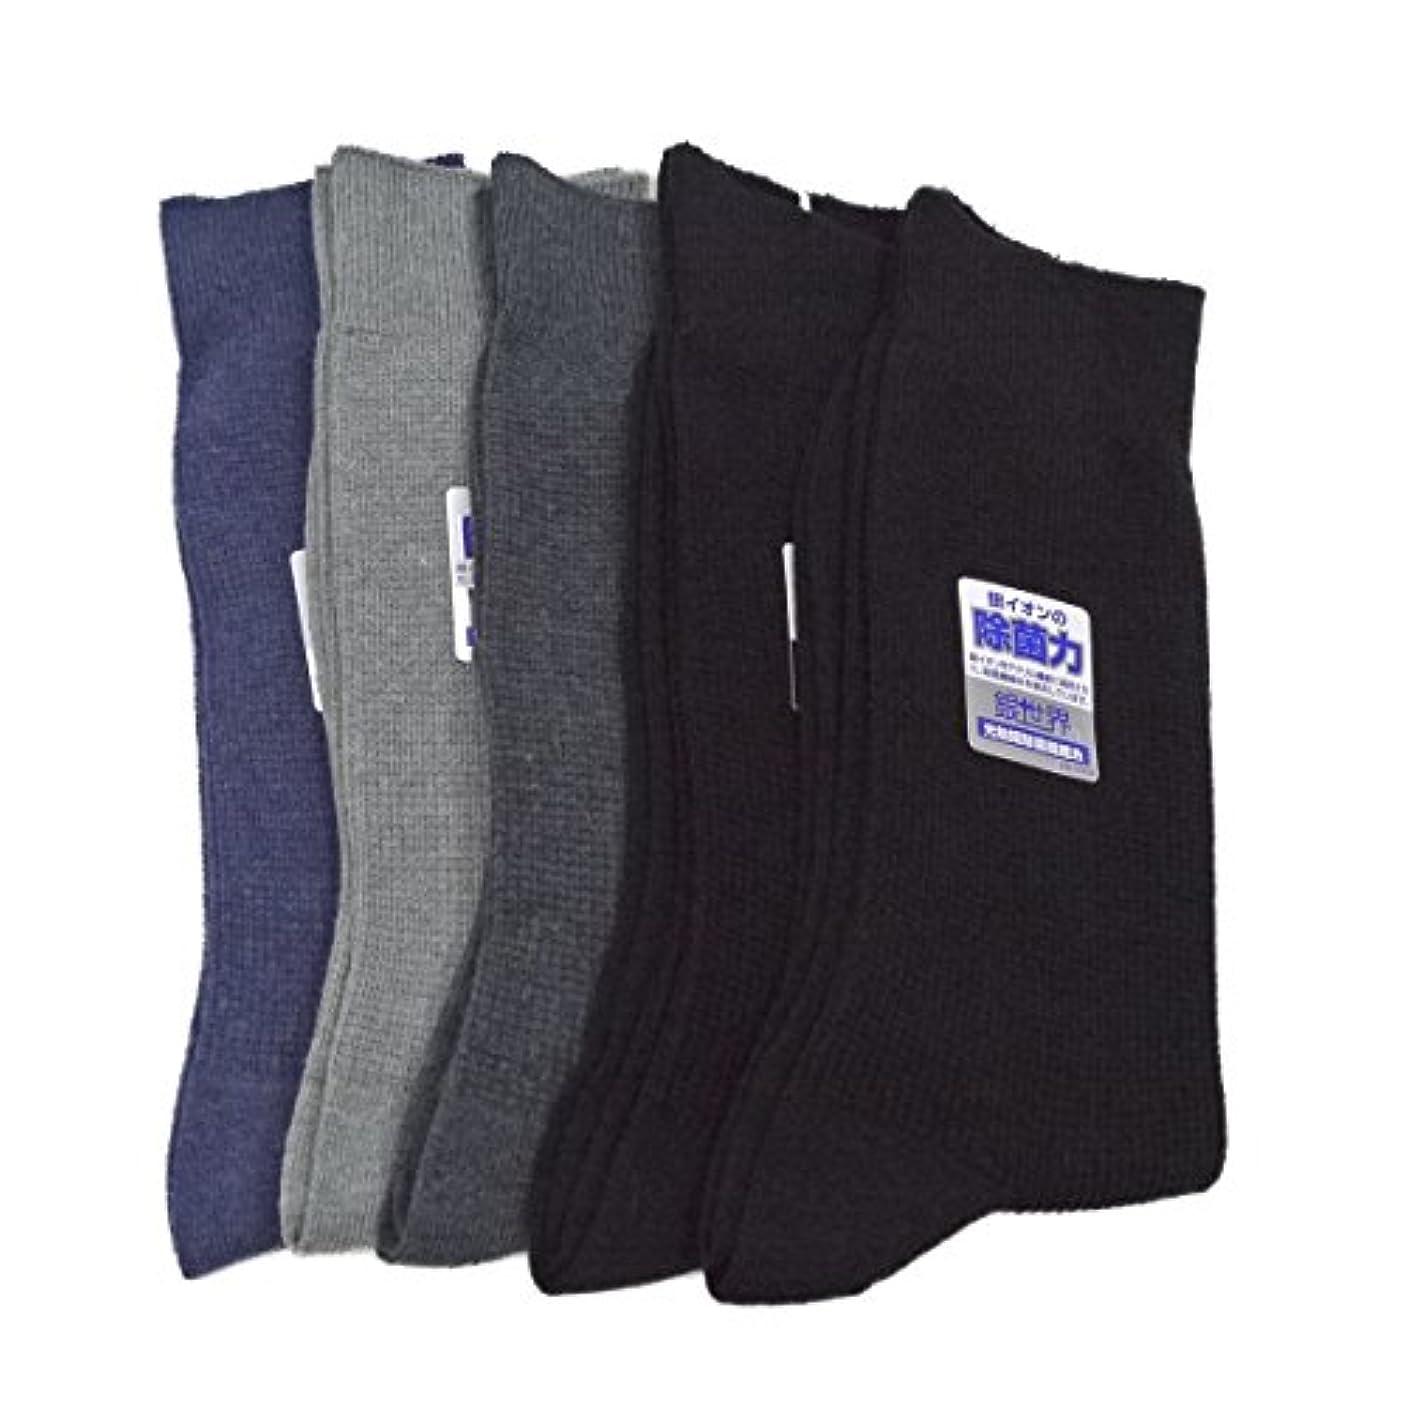 サービスいとこ麻酔薬東洋紡 銀世界使用 日本製 銀イオンで除菌の靴下 リッチェル柄 アソート セット